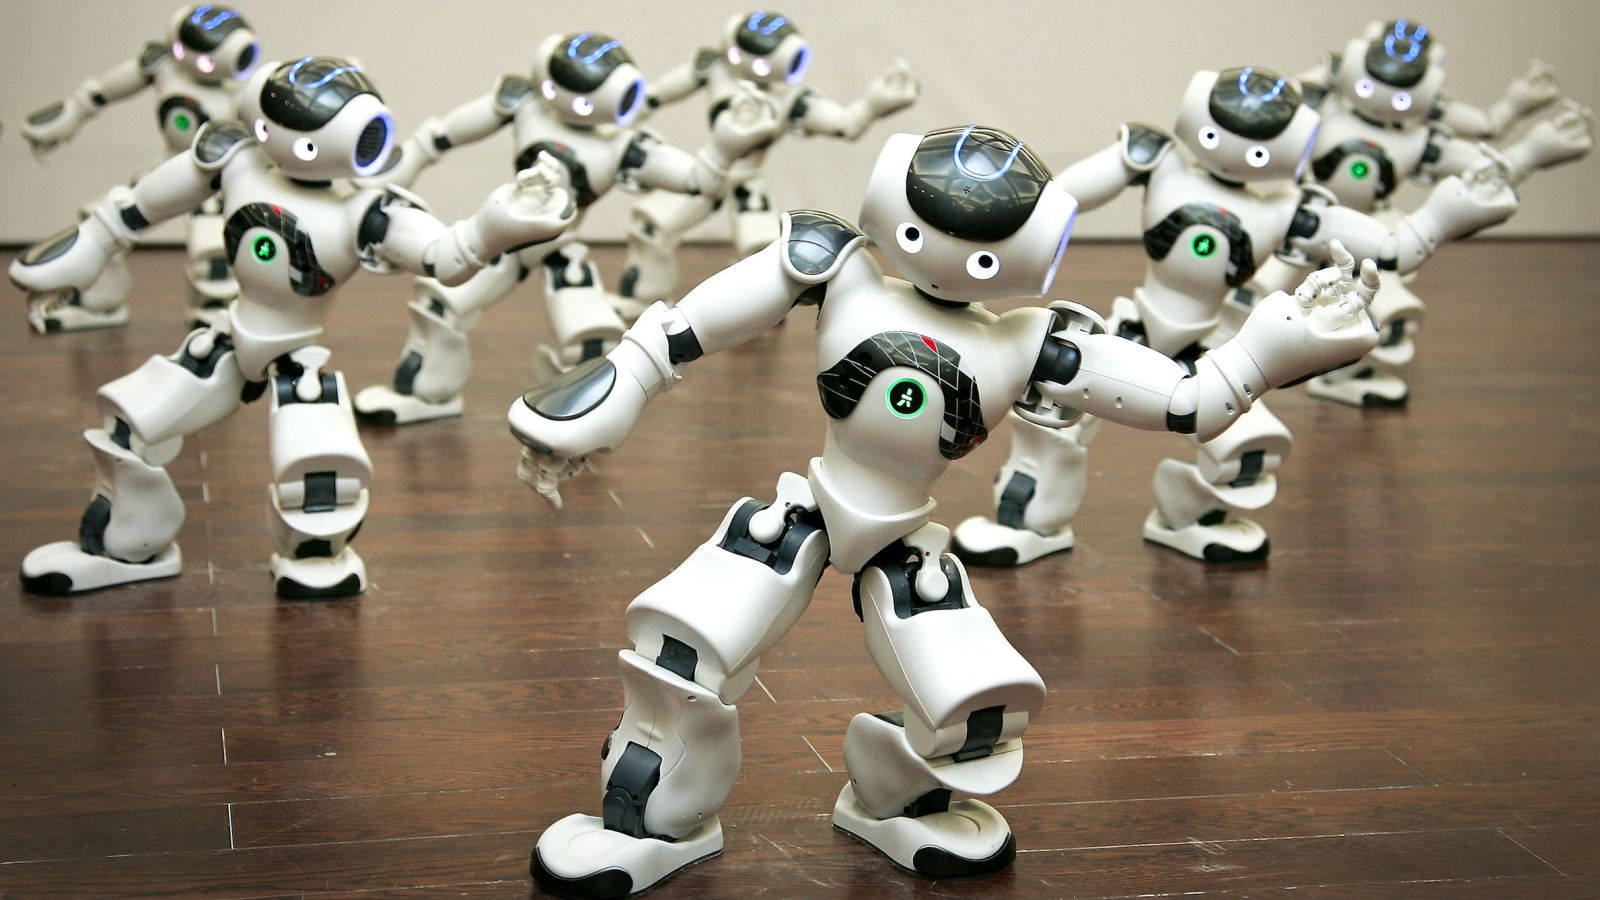 Роботы становятся все популярнее: Китай активно наращивает производство и продажи